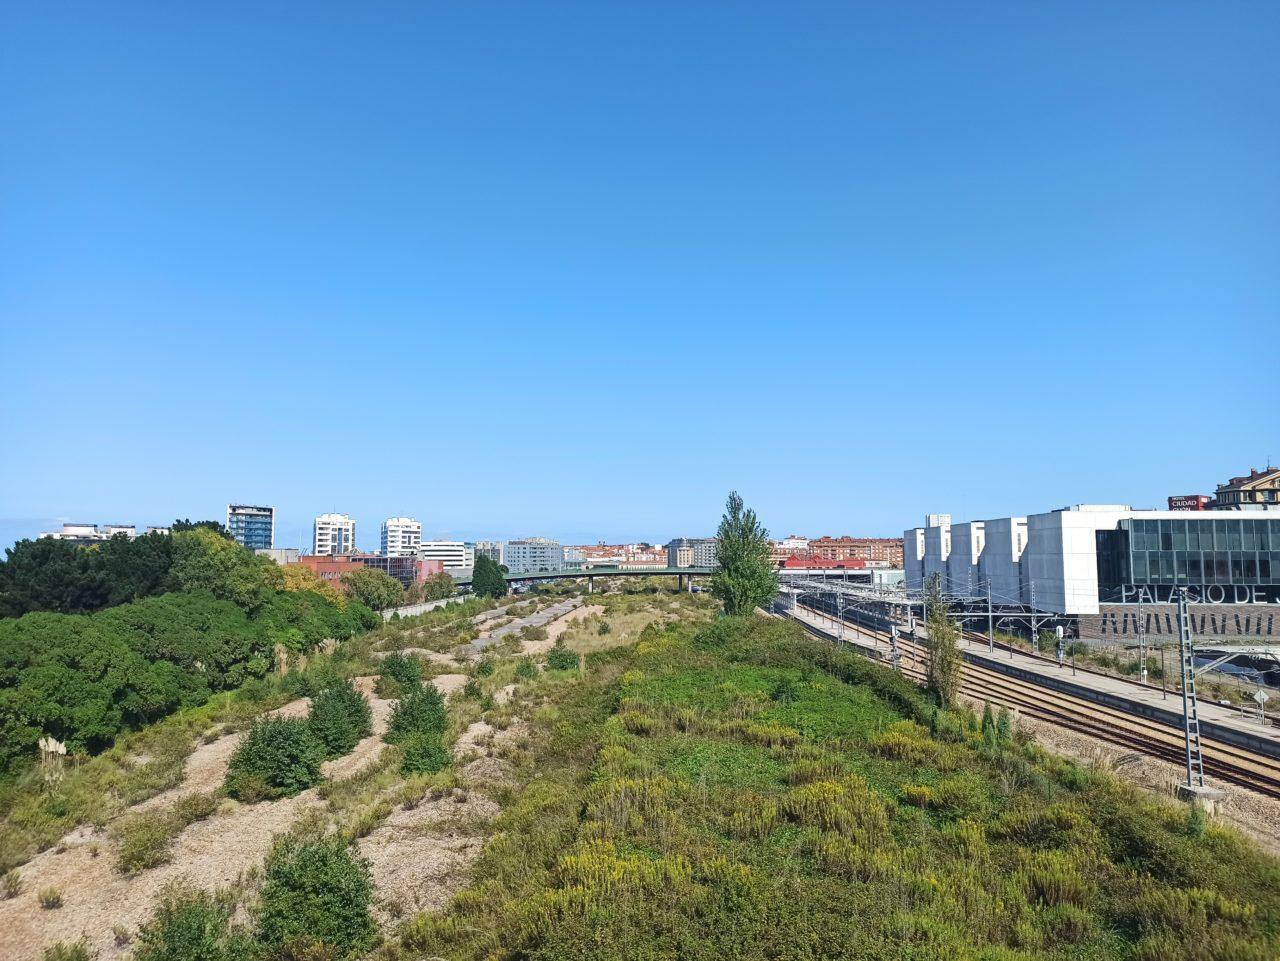 Posible futura ubicación de la estación en Moreda (David Pérez)